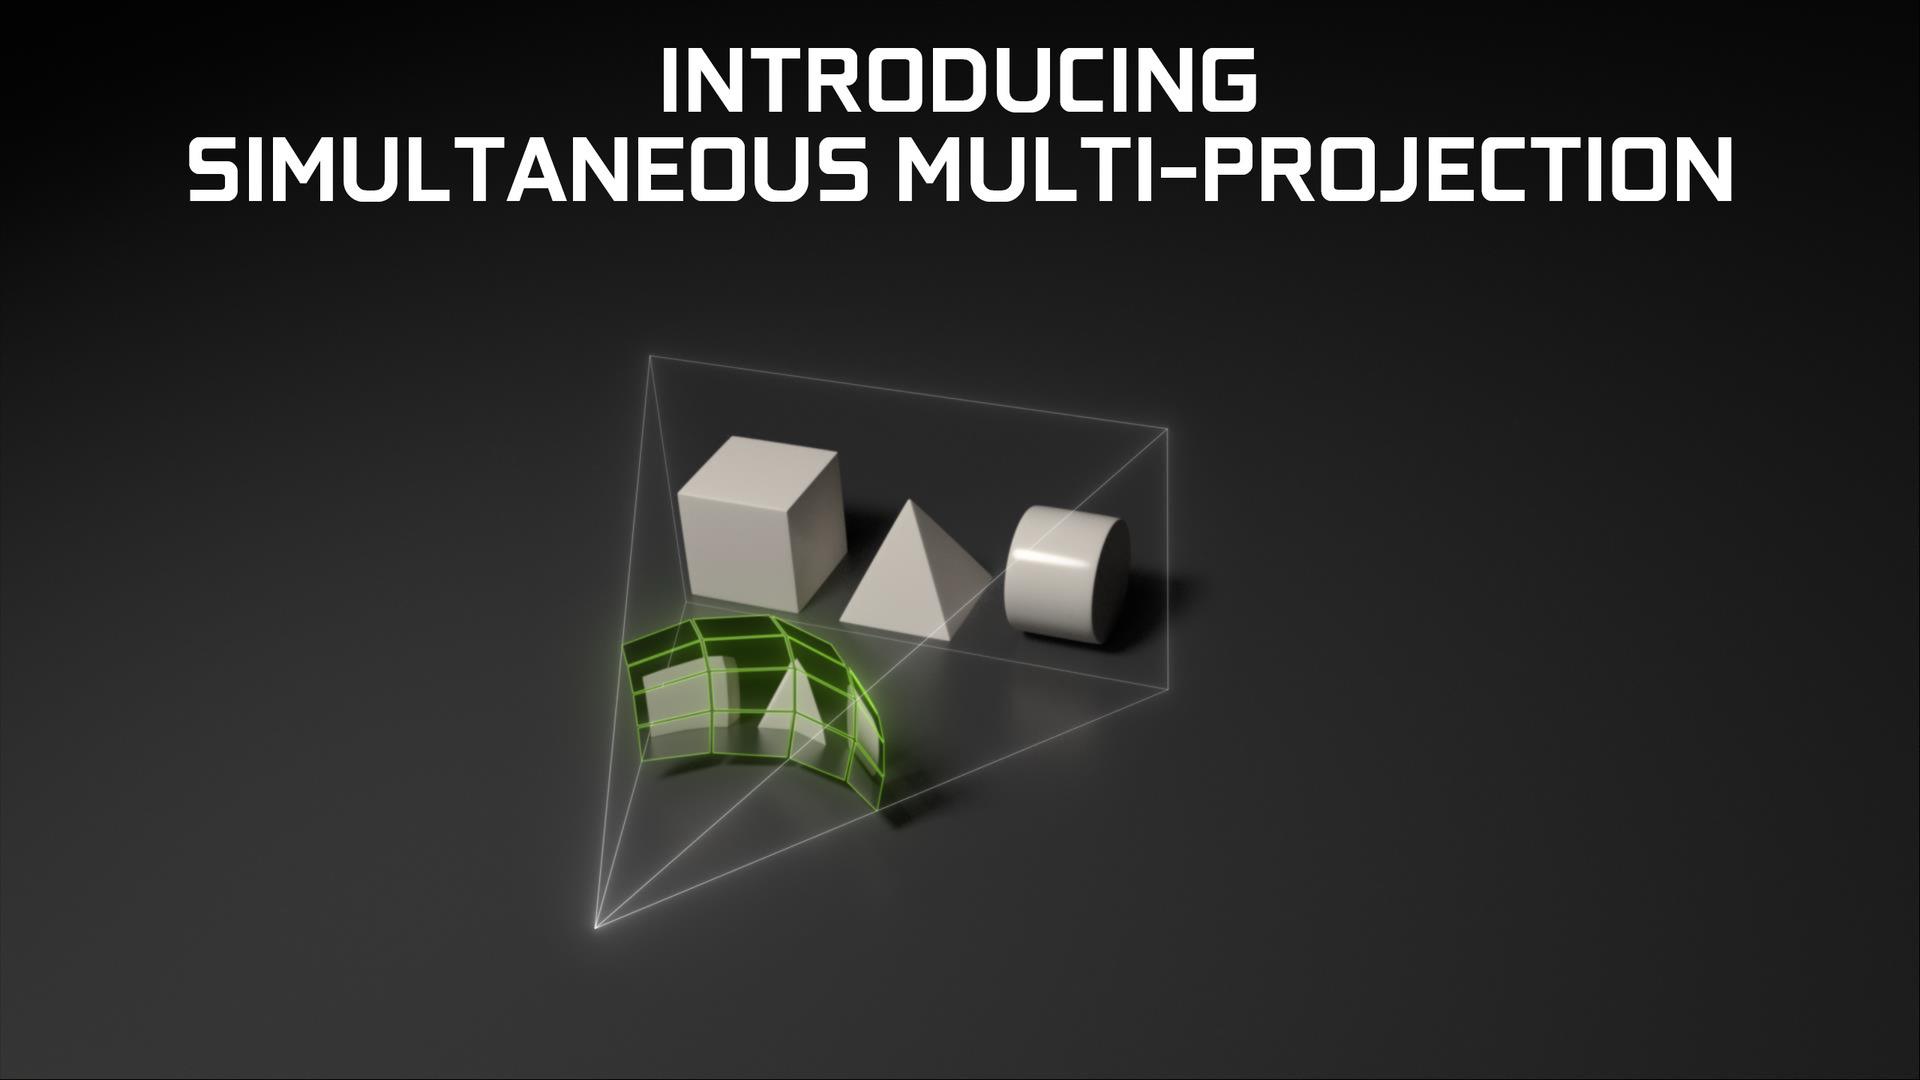 SMP機能による擬似半球面投影